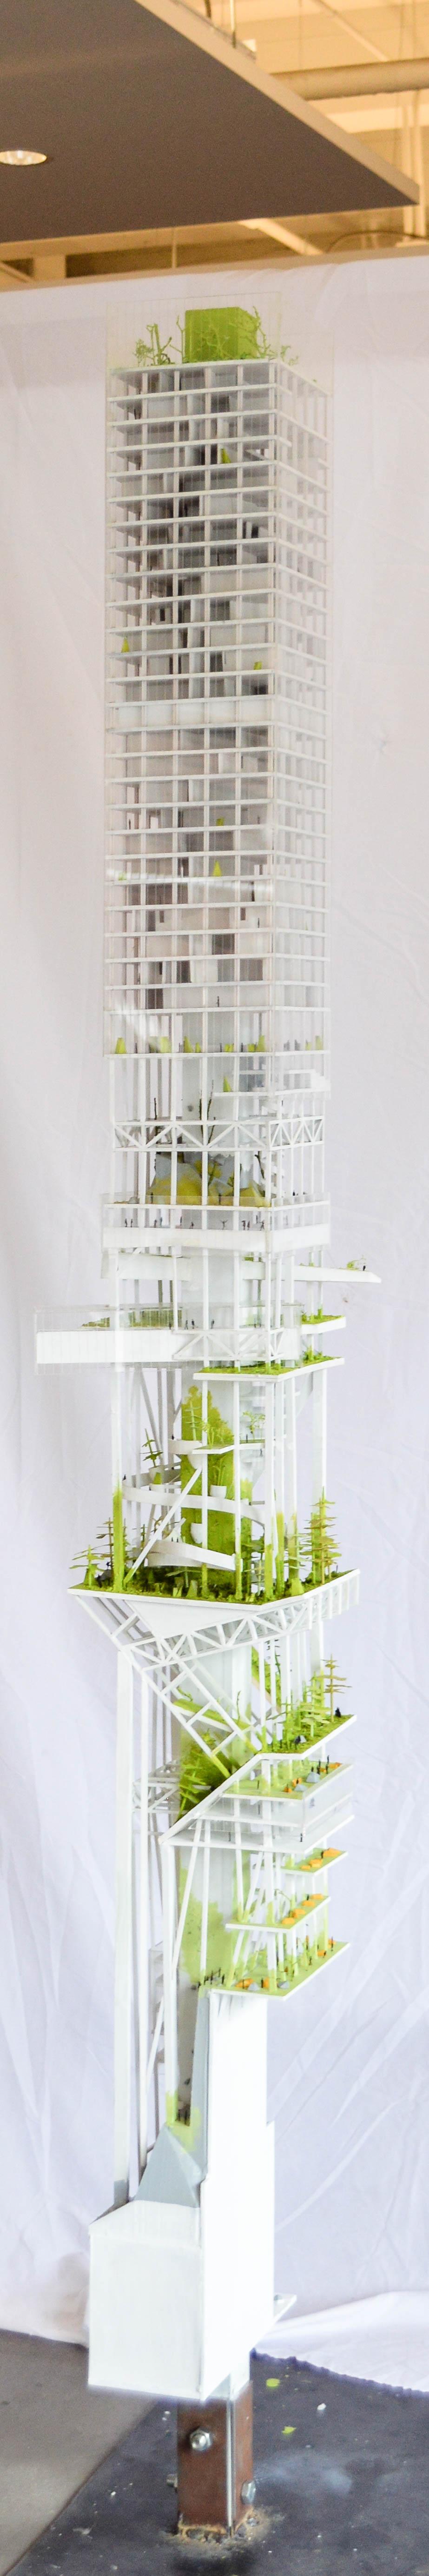 verticaltower-9.jpg